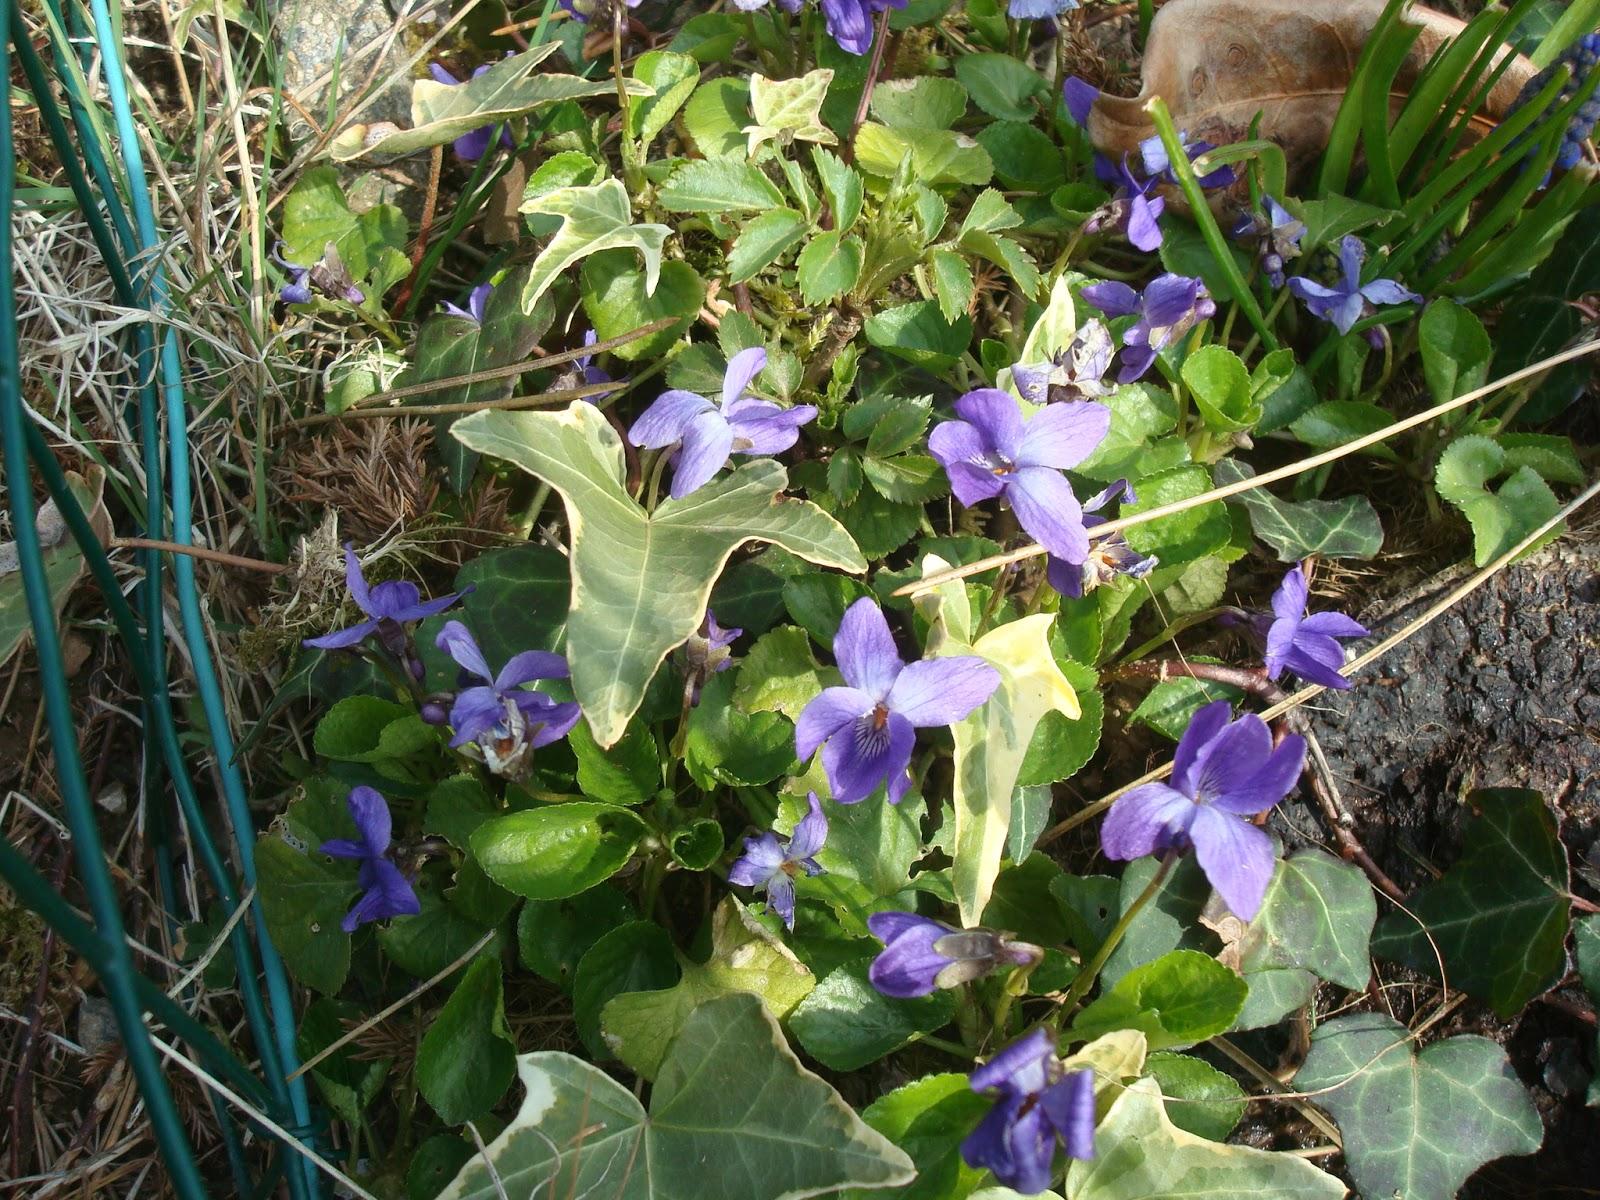 Fleuriste isabelle feuvrier dans le jardin de papi fleur for Fleurs dans le jardin